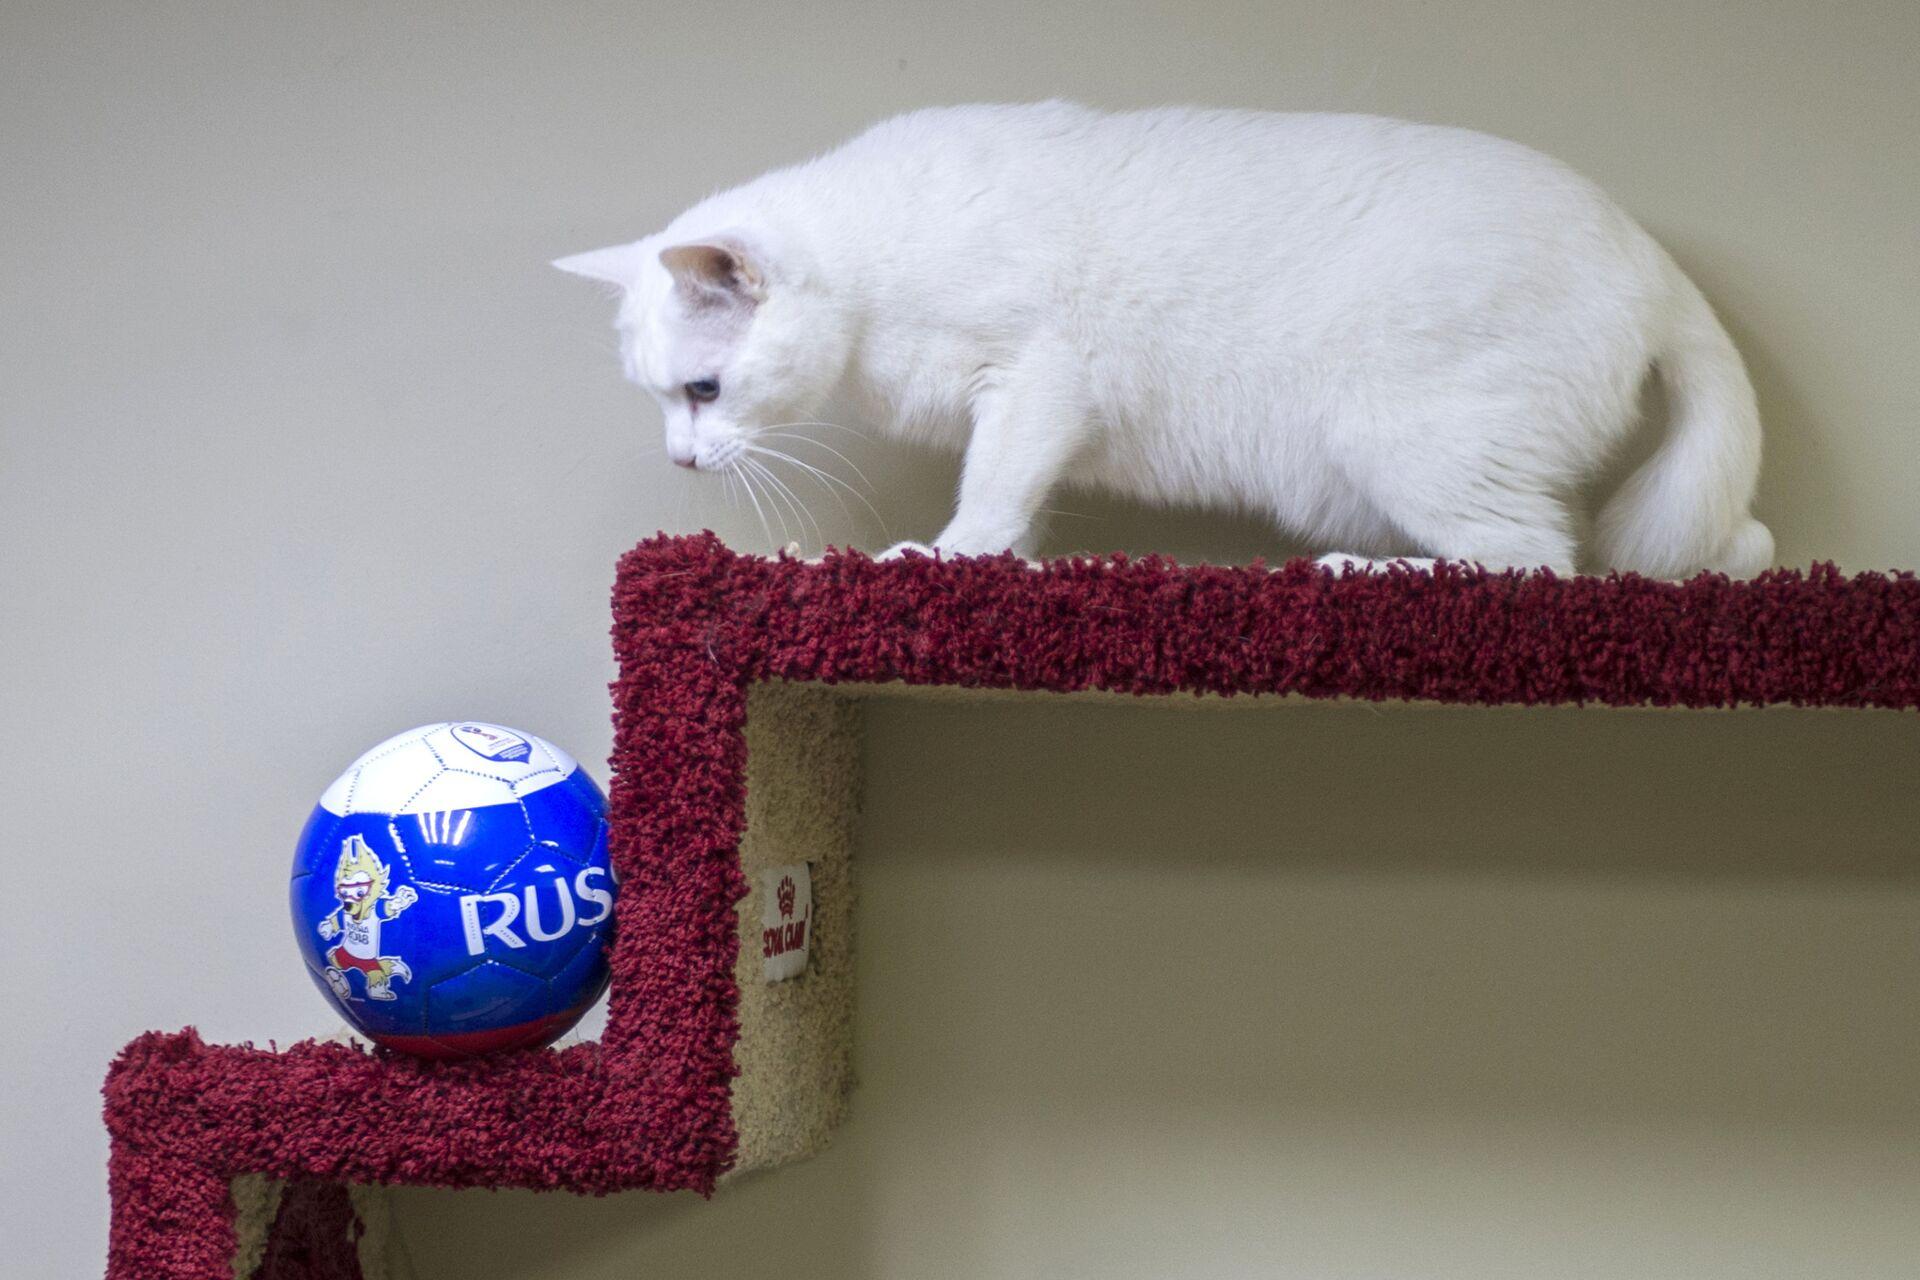 Mèo Achilles trở thành nhà tiên tri giải vô địch EURO 2020 - Sputnik Việt Nam, 1920, 24.05.2021